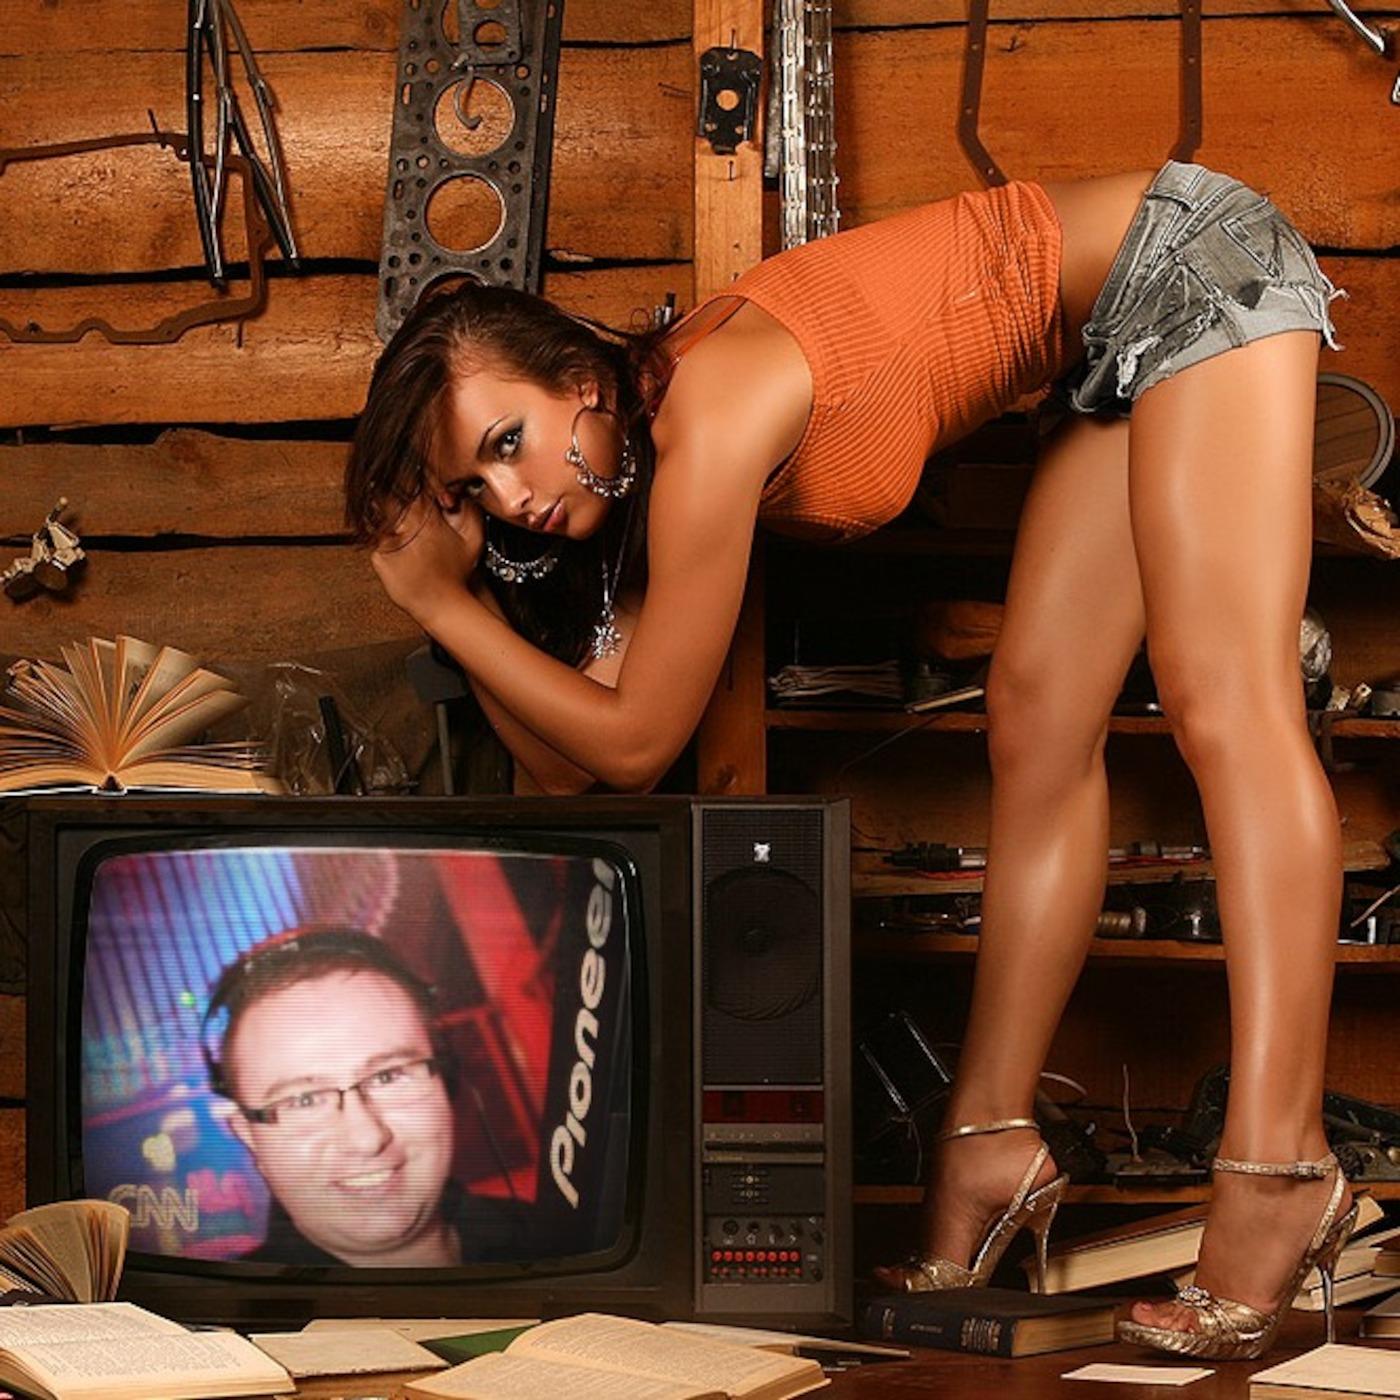 Sek photofunia erotic clip